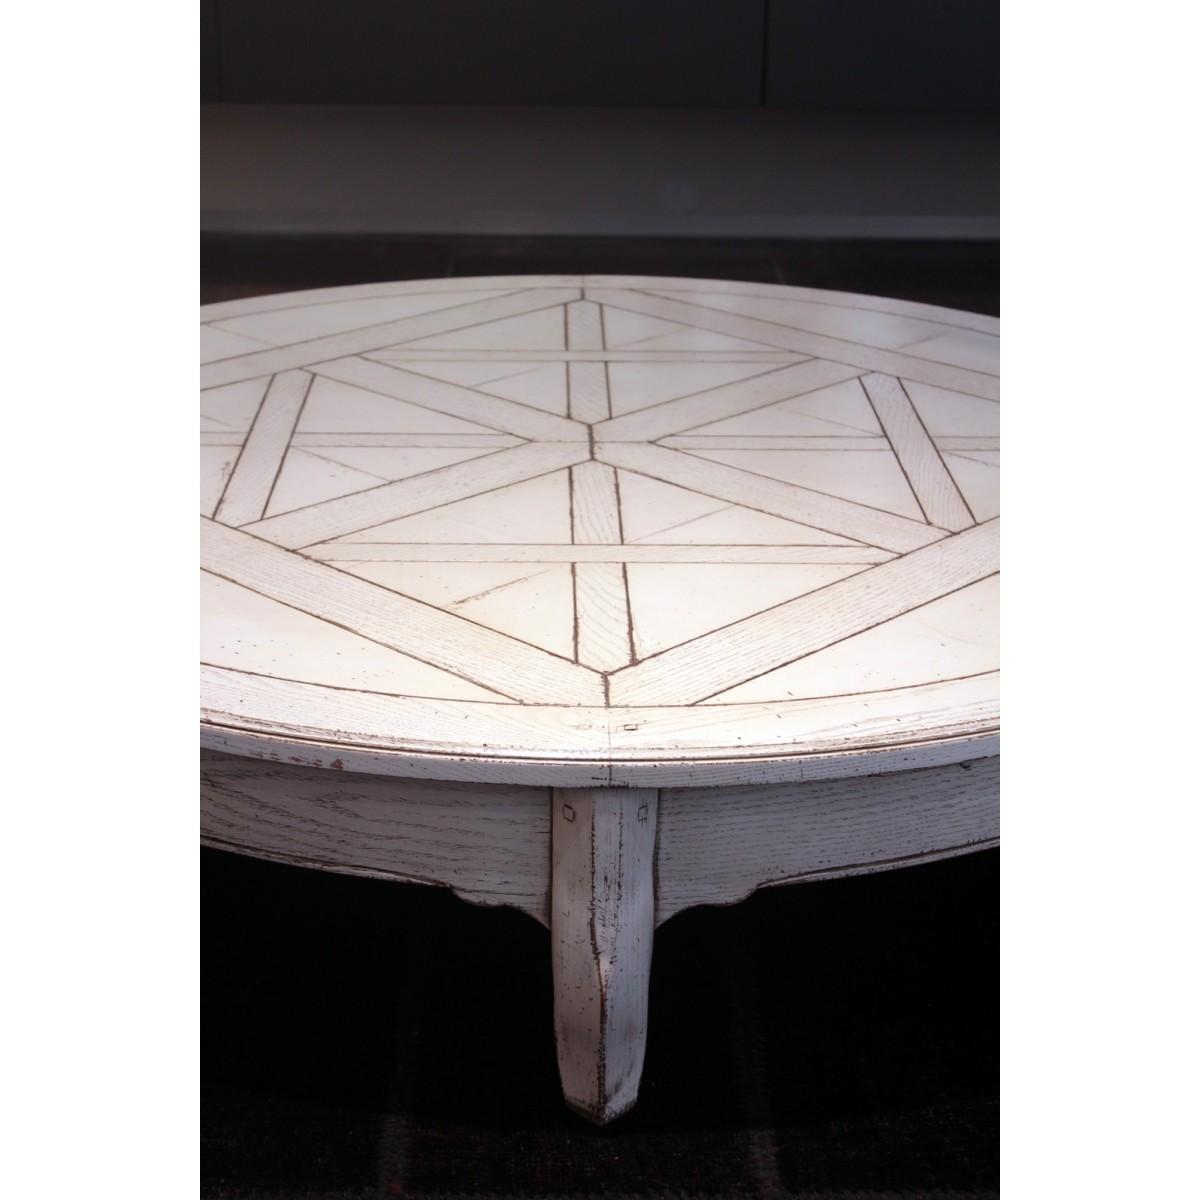 Tavolo basso laccato bianco anticato grande arredo outlet - Tavolo bianco anticato ...